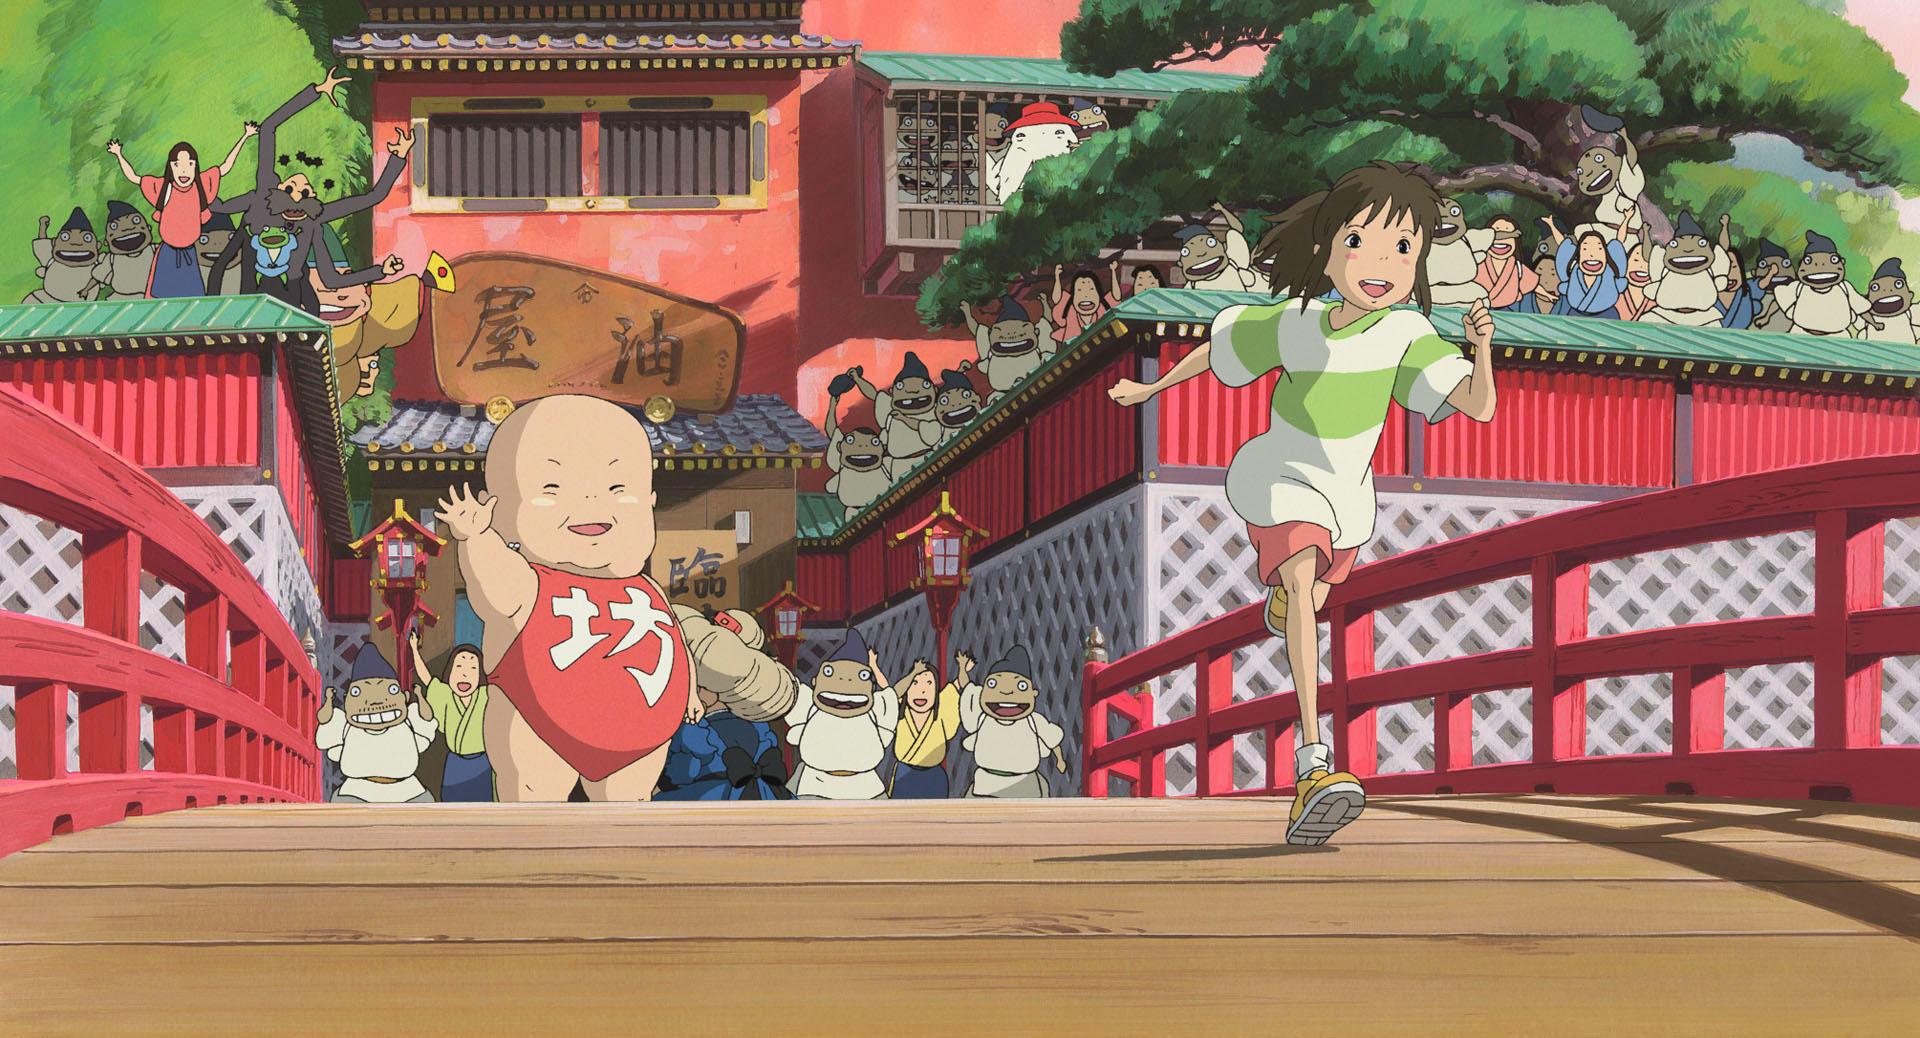 """Cena do filme de animação """"A Viagem de Chihiro"""". À frente, vemos Chihiro, uma garota asiática, pele branca, bochechas rosadas e cabelo castanho preso em um rabo de cavalo. Ela usa uma camisa branca e verde, um short vermelho e tênis amarelos. Ela está sorrindo eufórica, correndo em cima de uma ponte de madeira, enquanto uma multidão acalorada atrás dela se despede e comemora. Todos estão em um grande prédio de arquitetura japonesa, pintado de vermelho e branco, com os tetos esverdeados. A cena se passa de dia."""